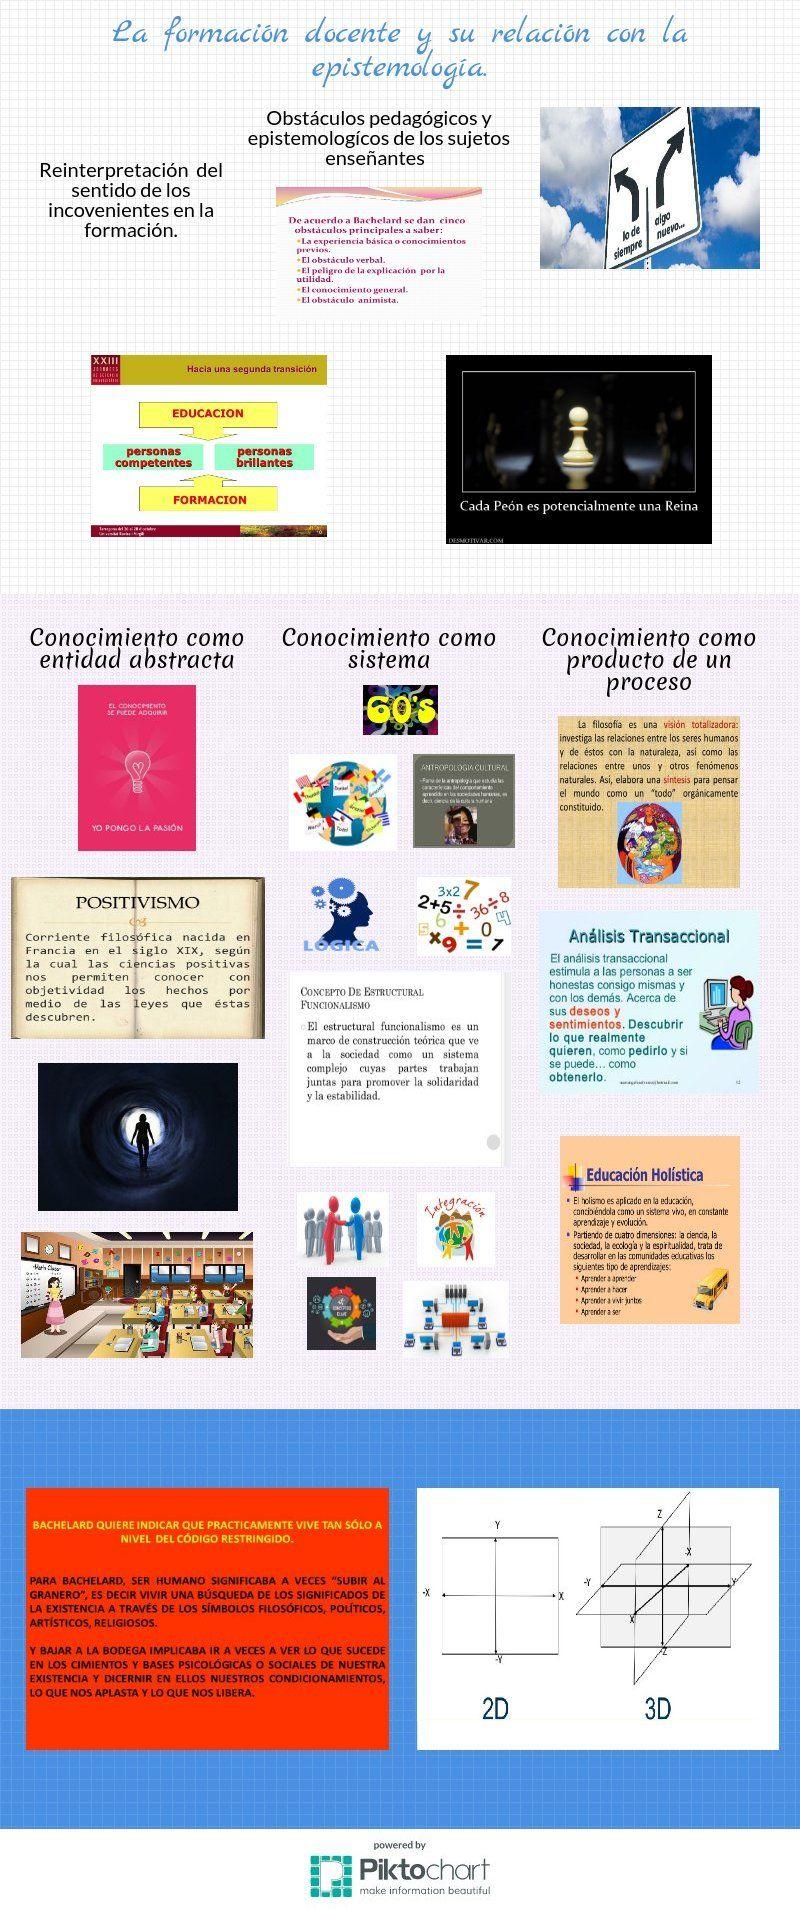 17 Ideas De Epistemología Educación Holística Criterios De Verdad Revolución Científica